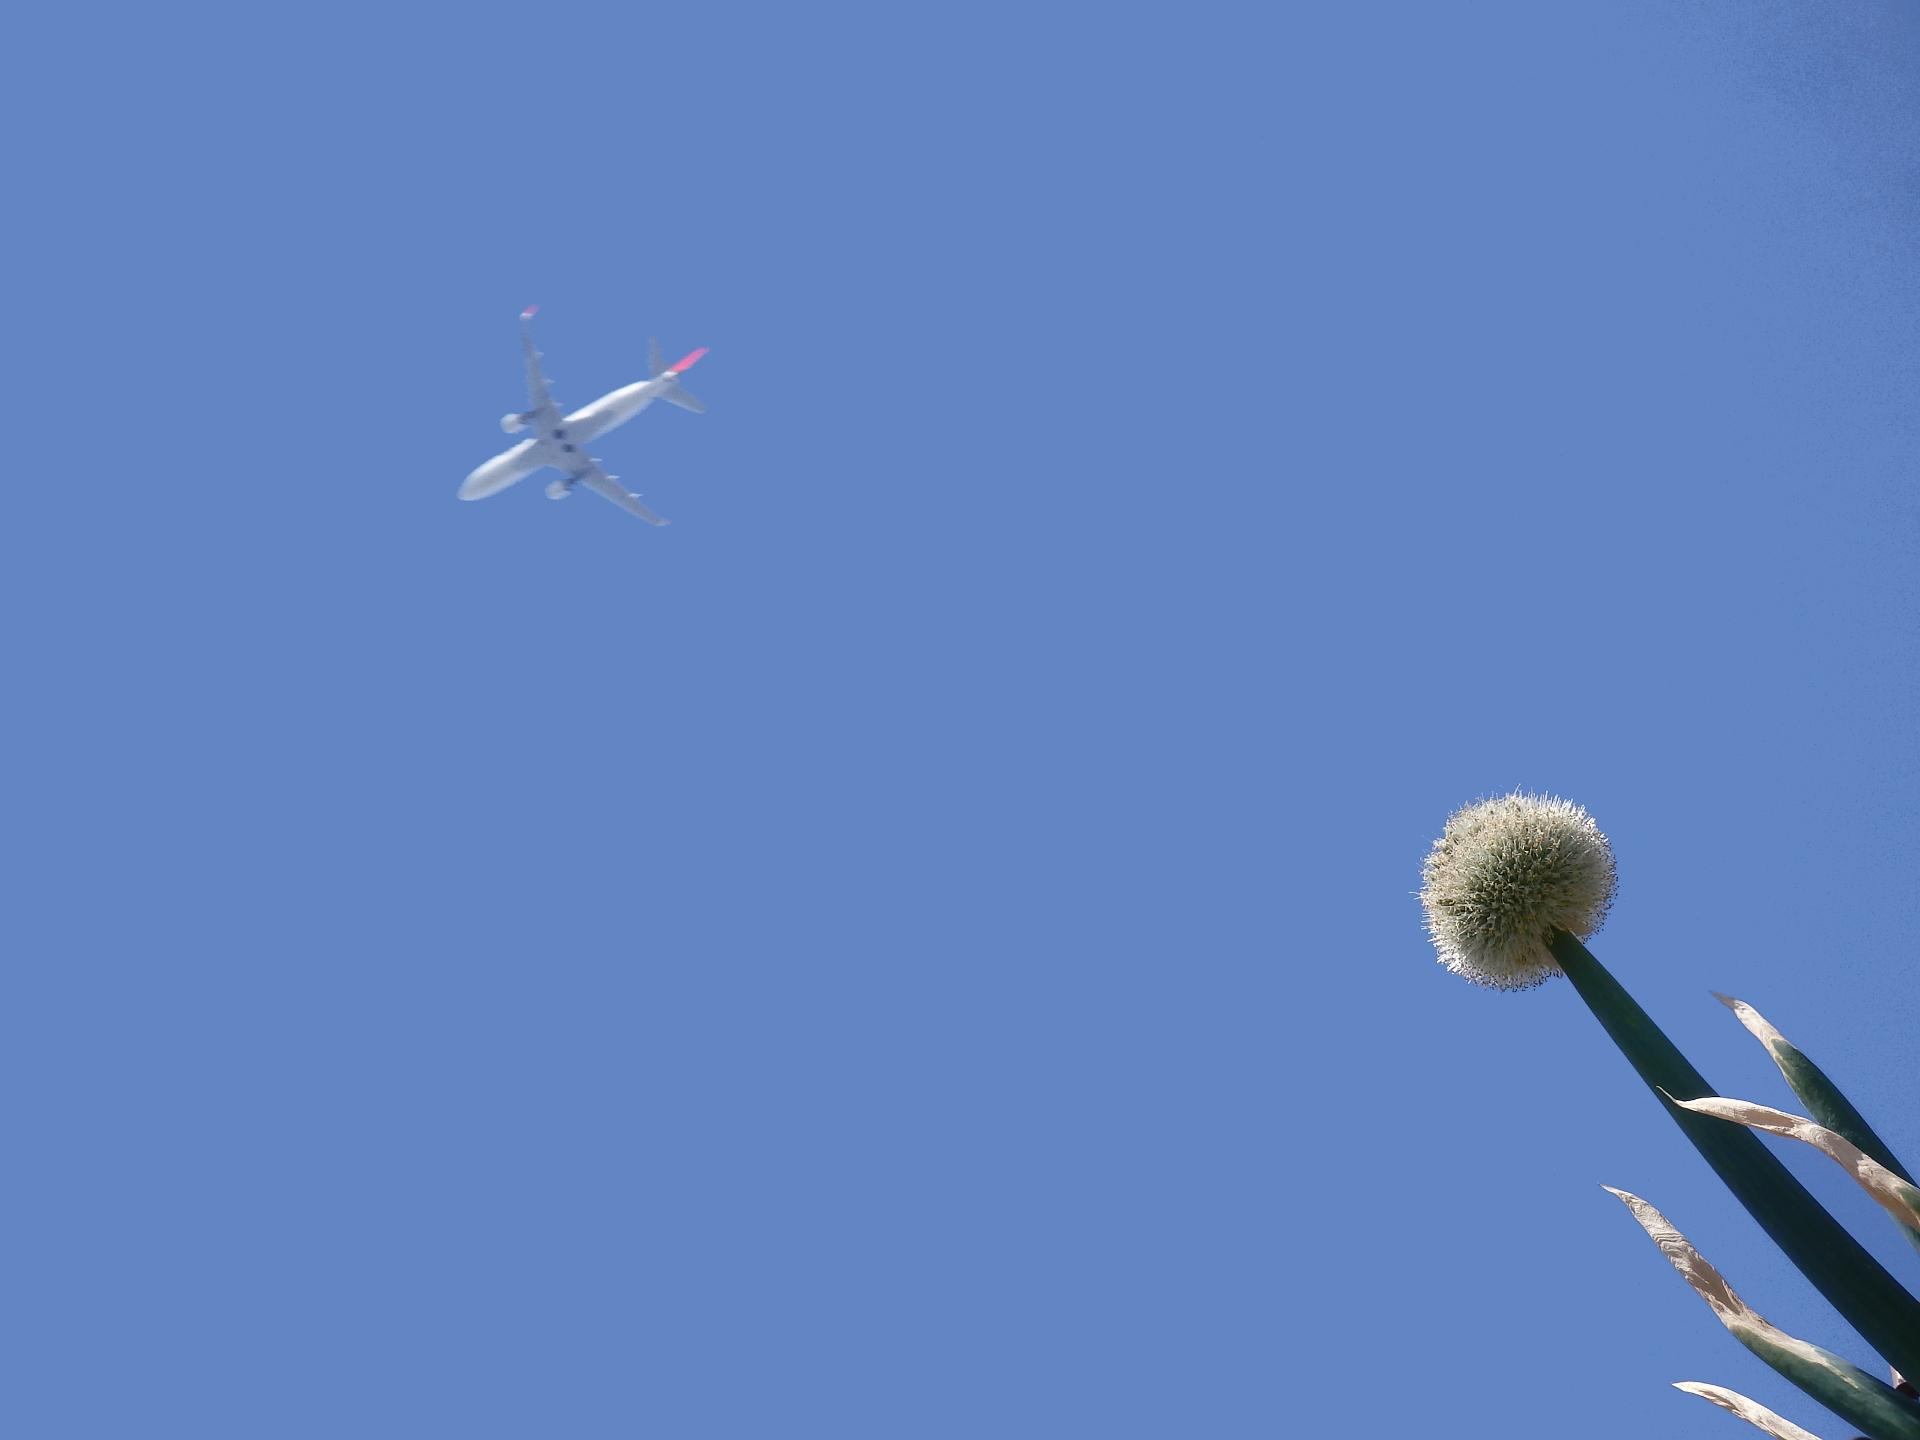 ネギ帽子と飛行機です。